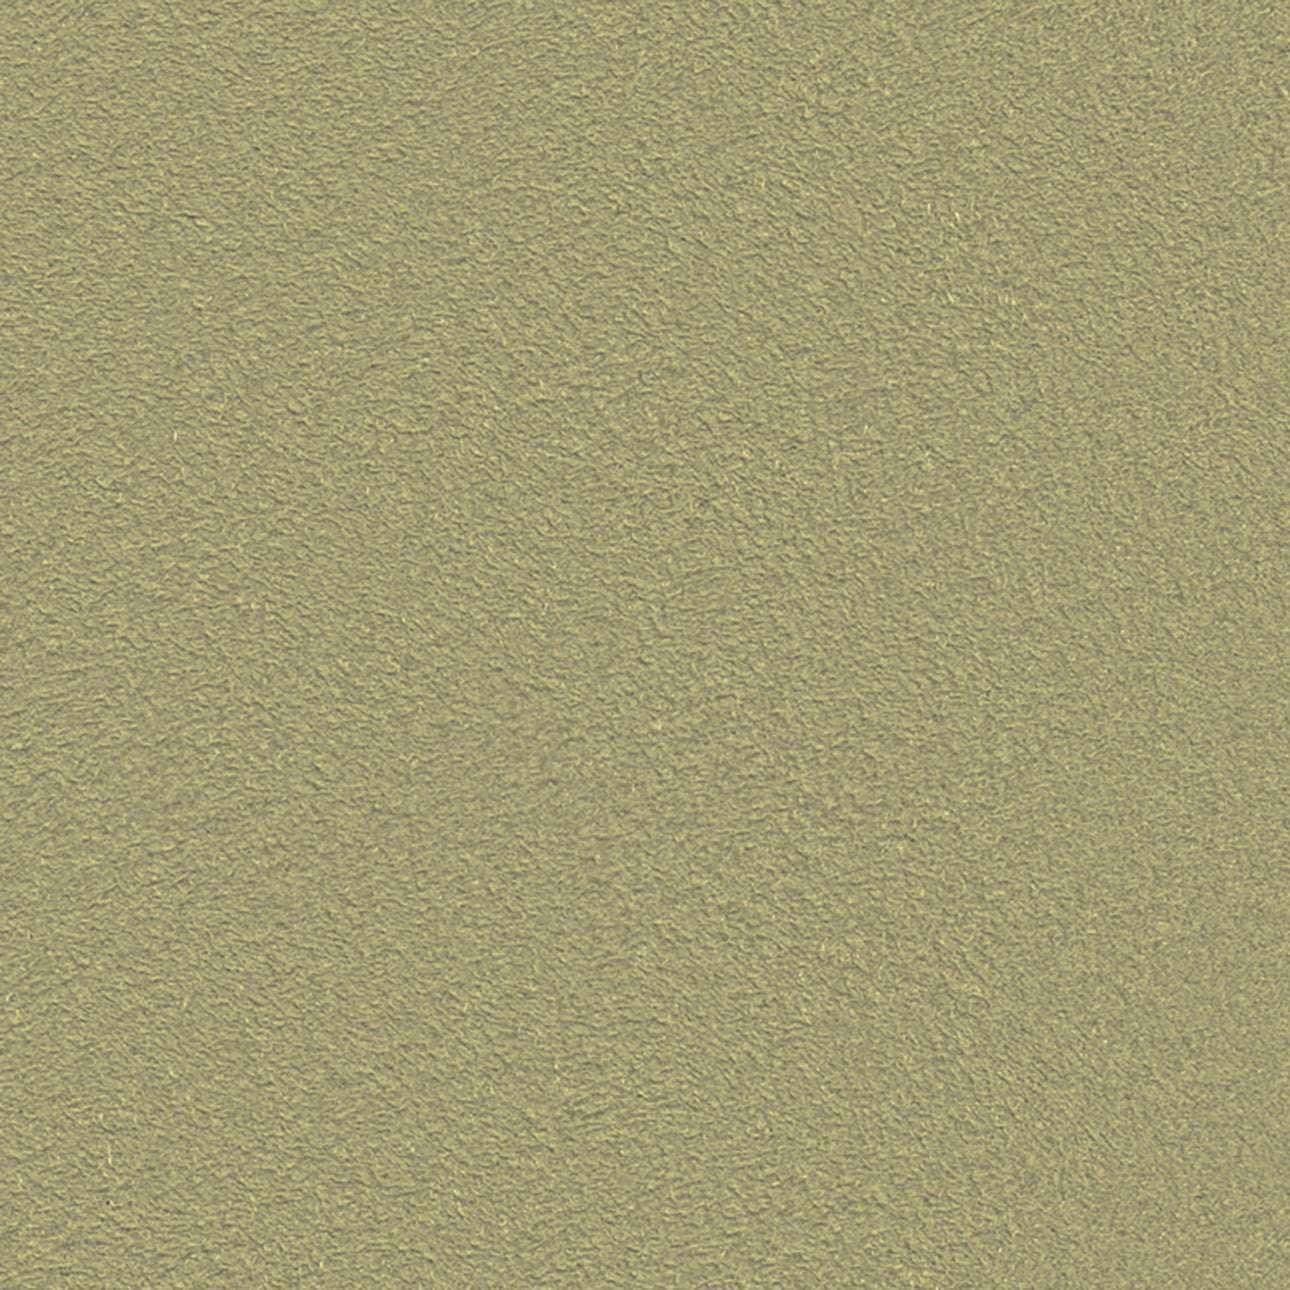 Poszewka Kinga na poduszkę prostokątną w kolekcji Living, tkanina: 102-34